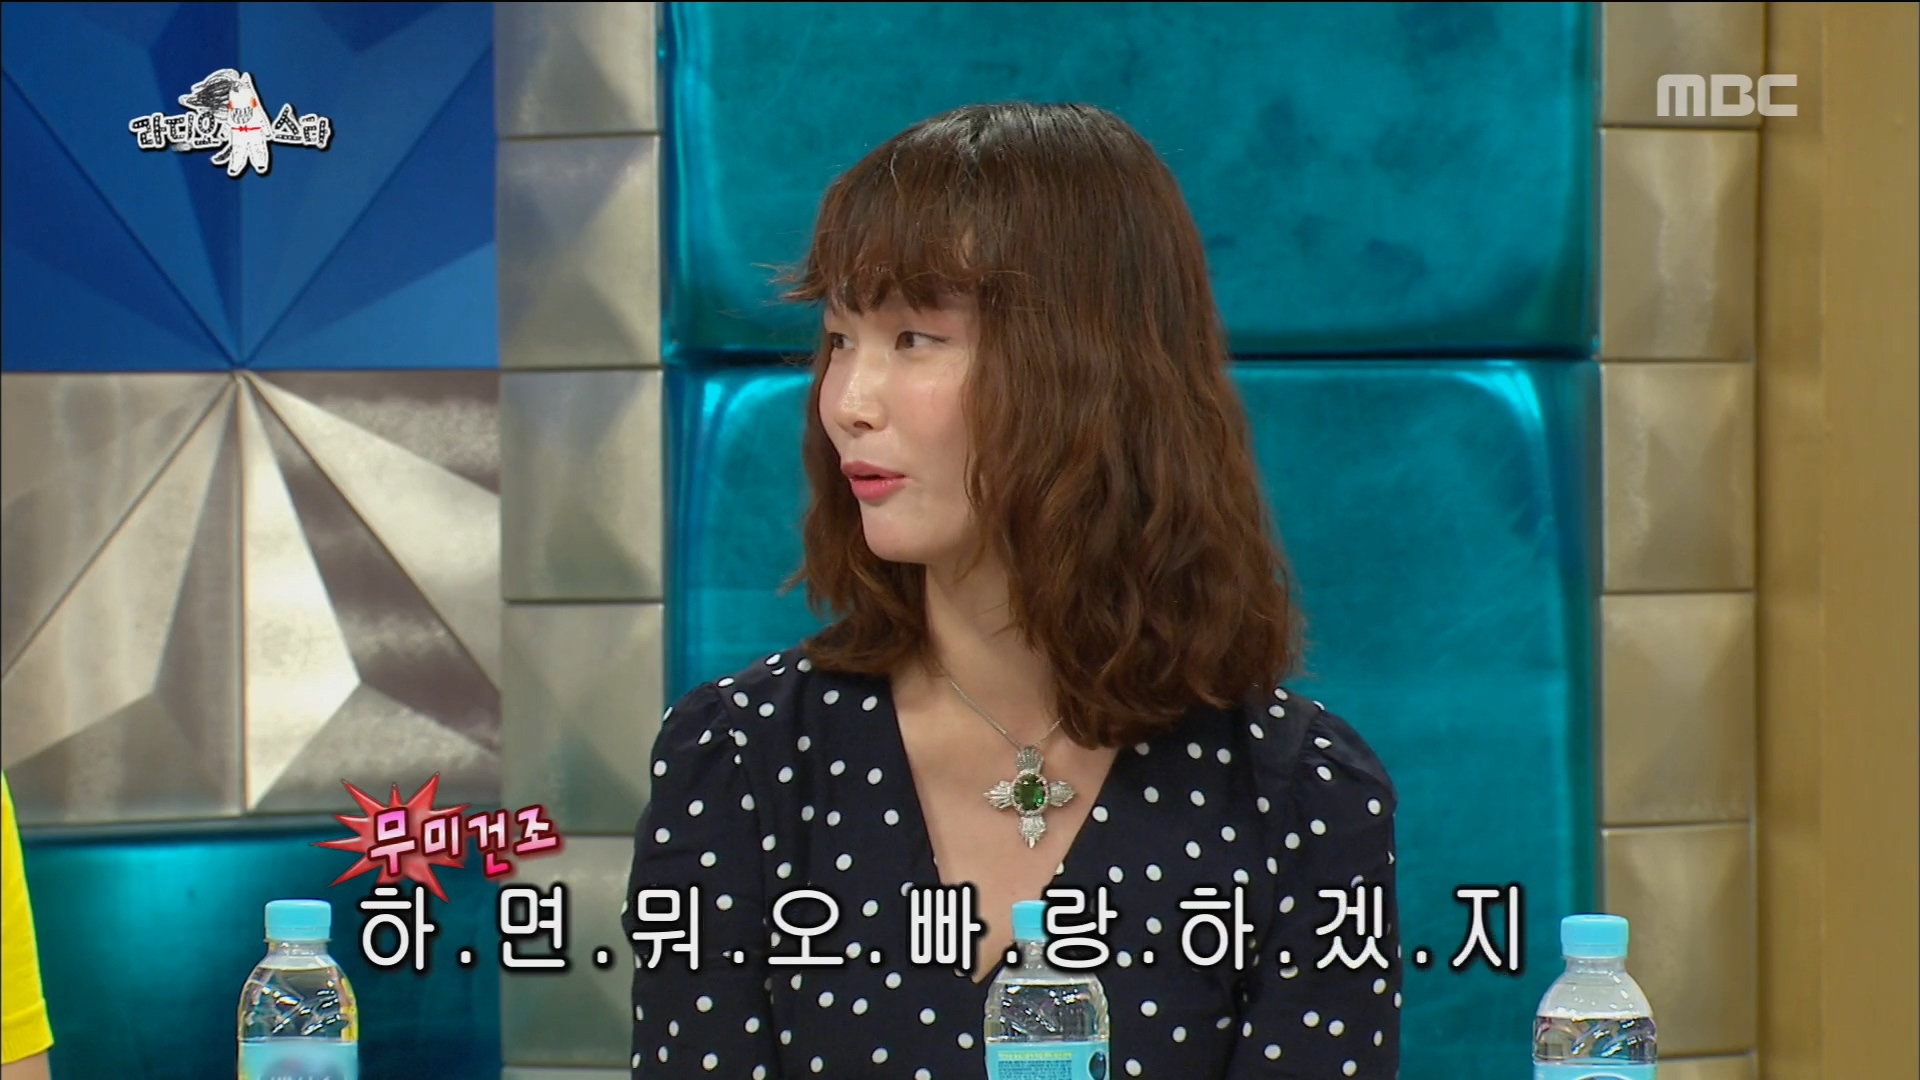 송경아, 프러포즈 때 설레발을 쳐 산통을 깨다?